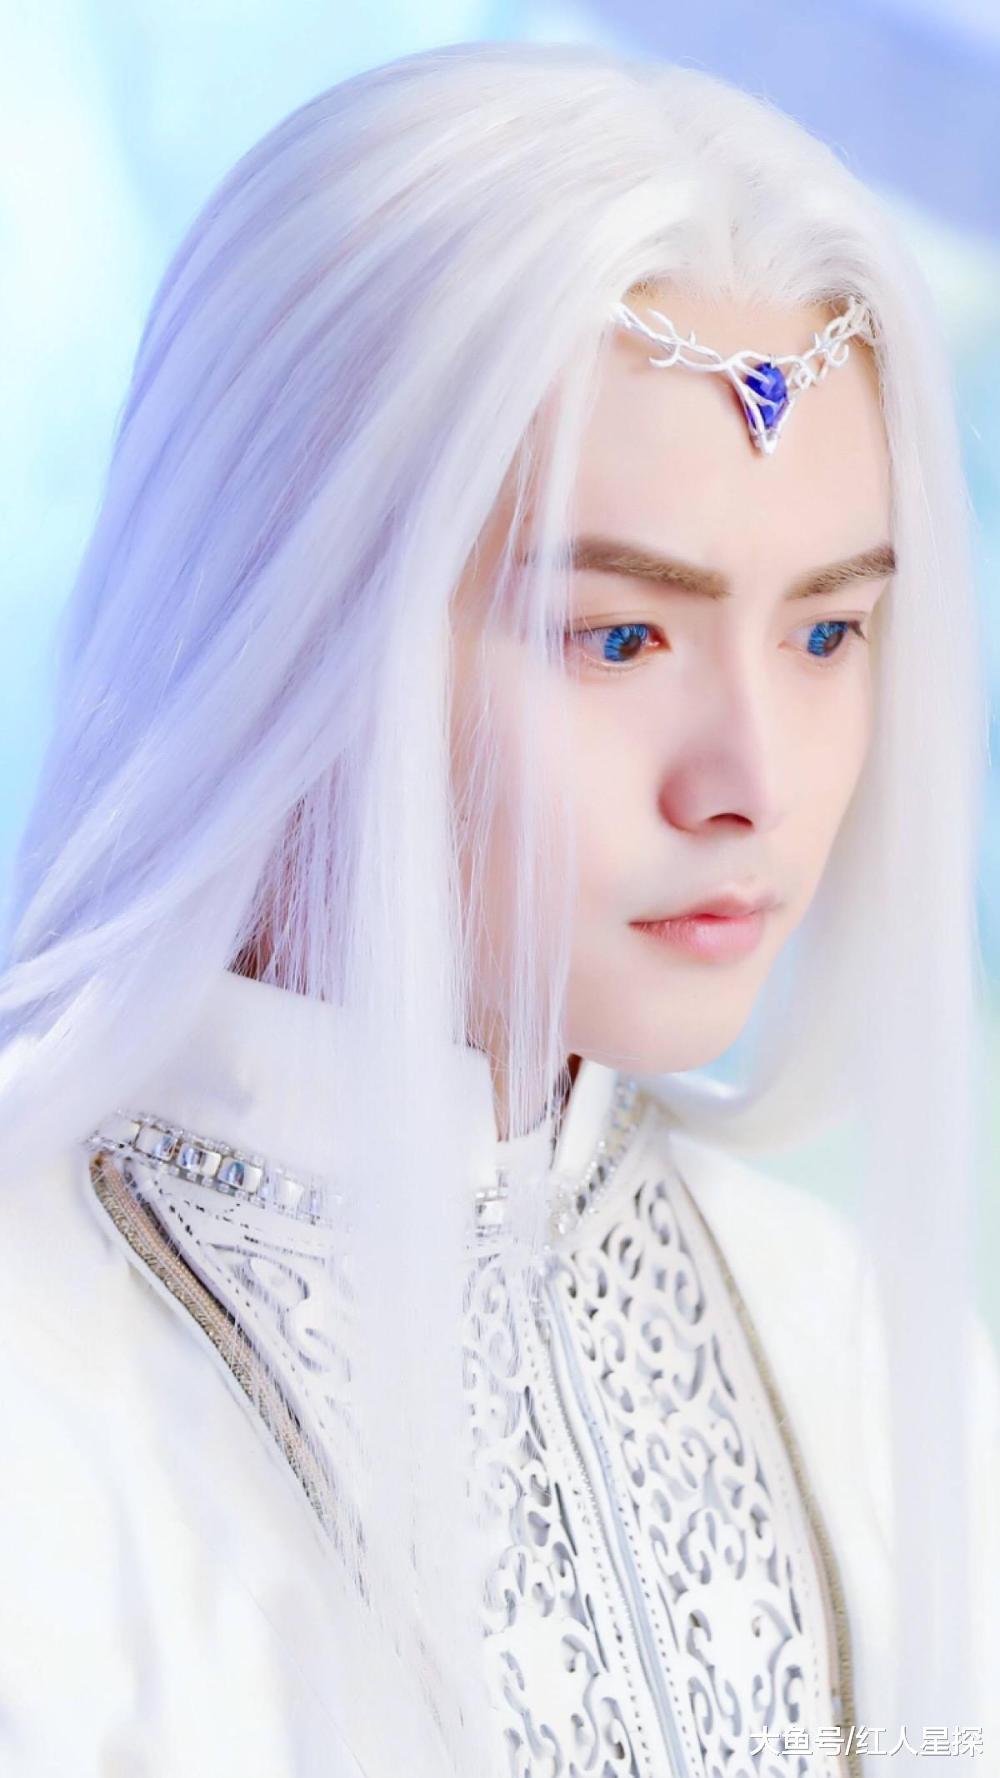 白发男子的形象, 马天宇倾国倾城, 任嘉伦为爱让人心疼, 只有邓超是来搞笑的